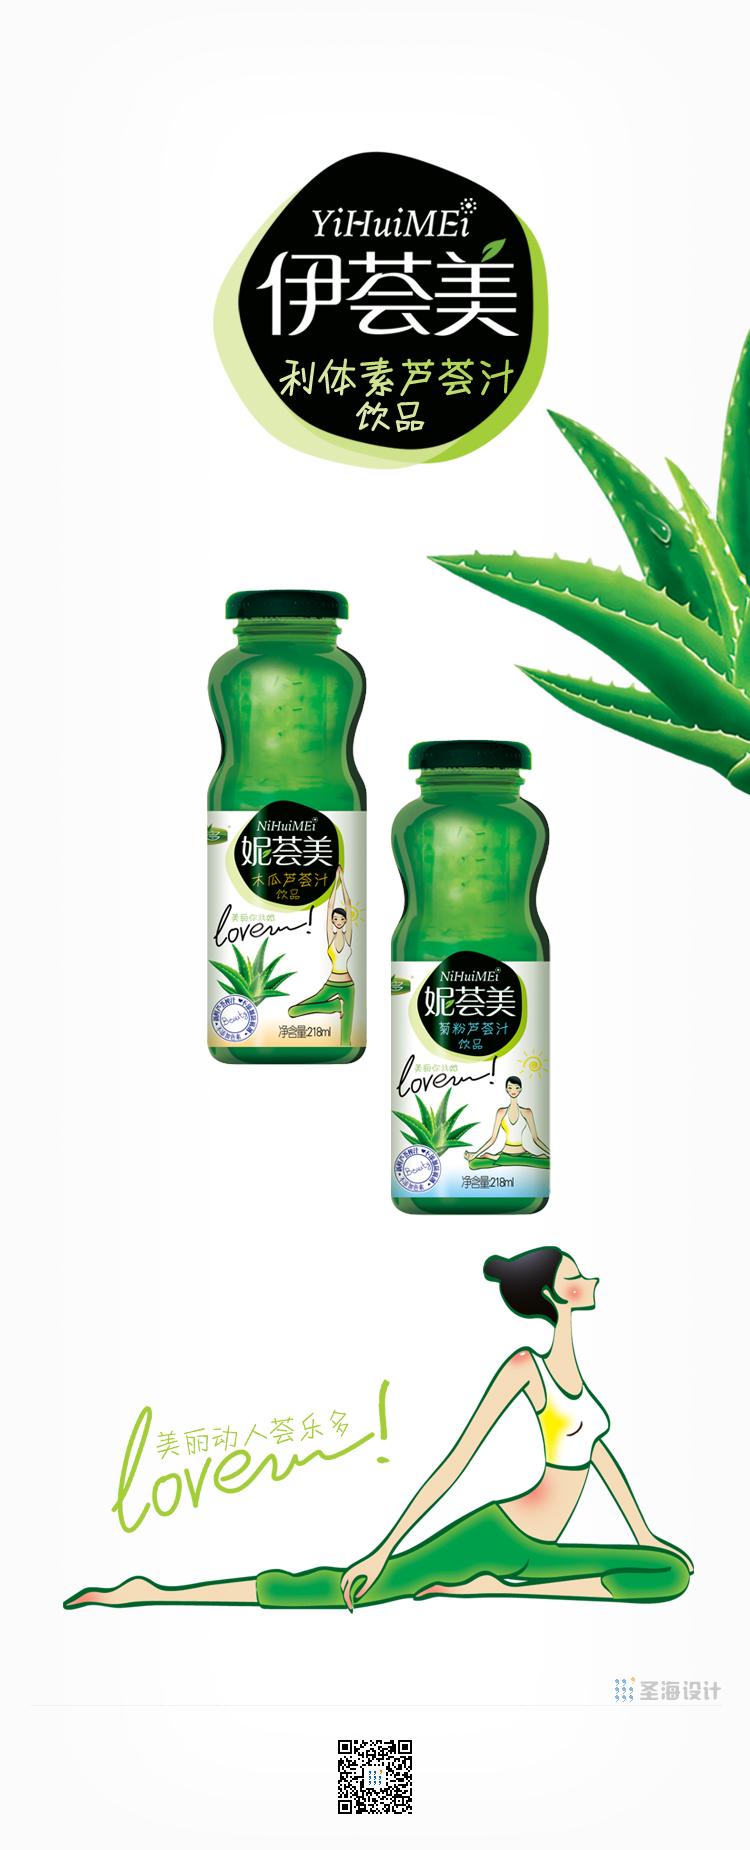 伊荟美/利体素芦荟汁饮品/玻璃瓶型设计/杭州包装设计/杭州圣海包装艺术设计有限公司